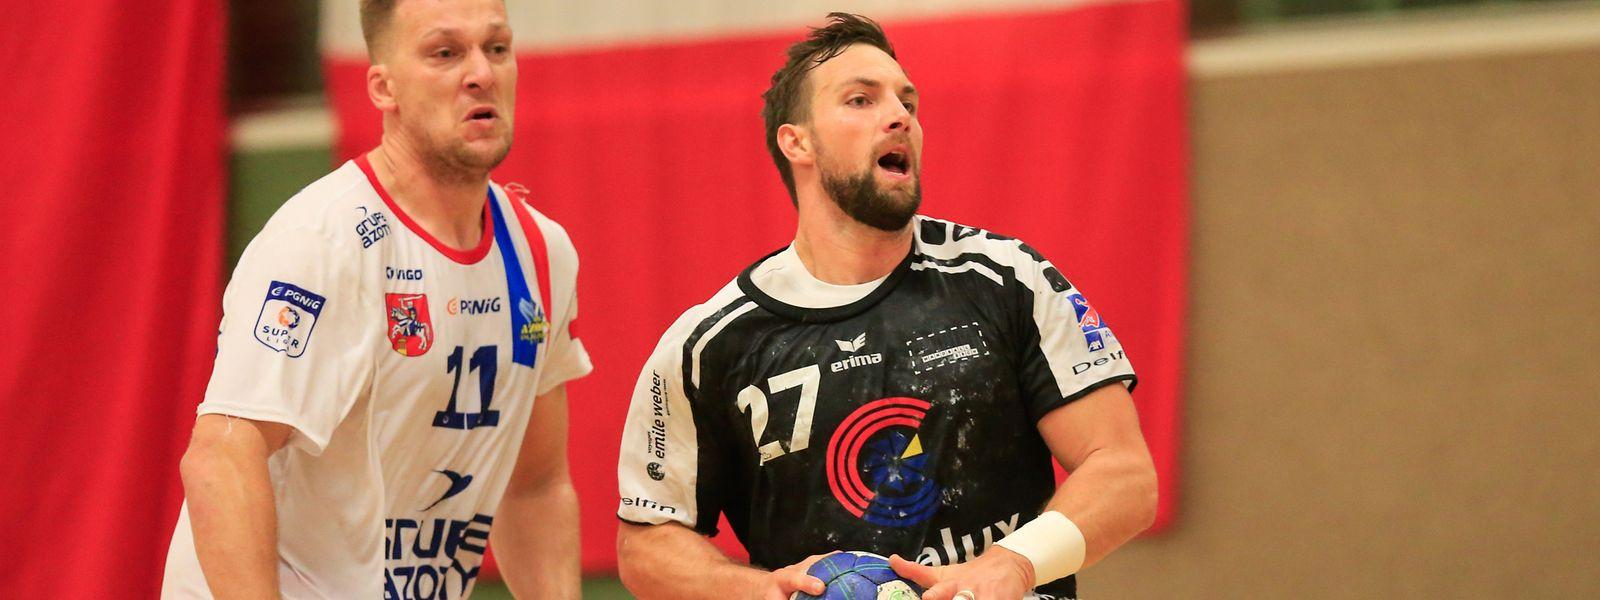 Moritz Barkow war trotz der knappen Niederlage einer der Aktivposten.